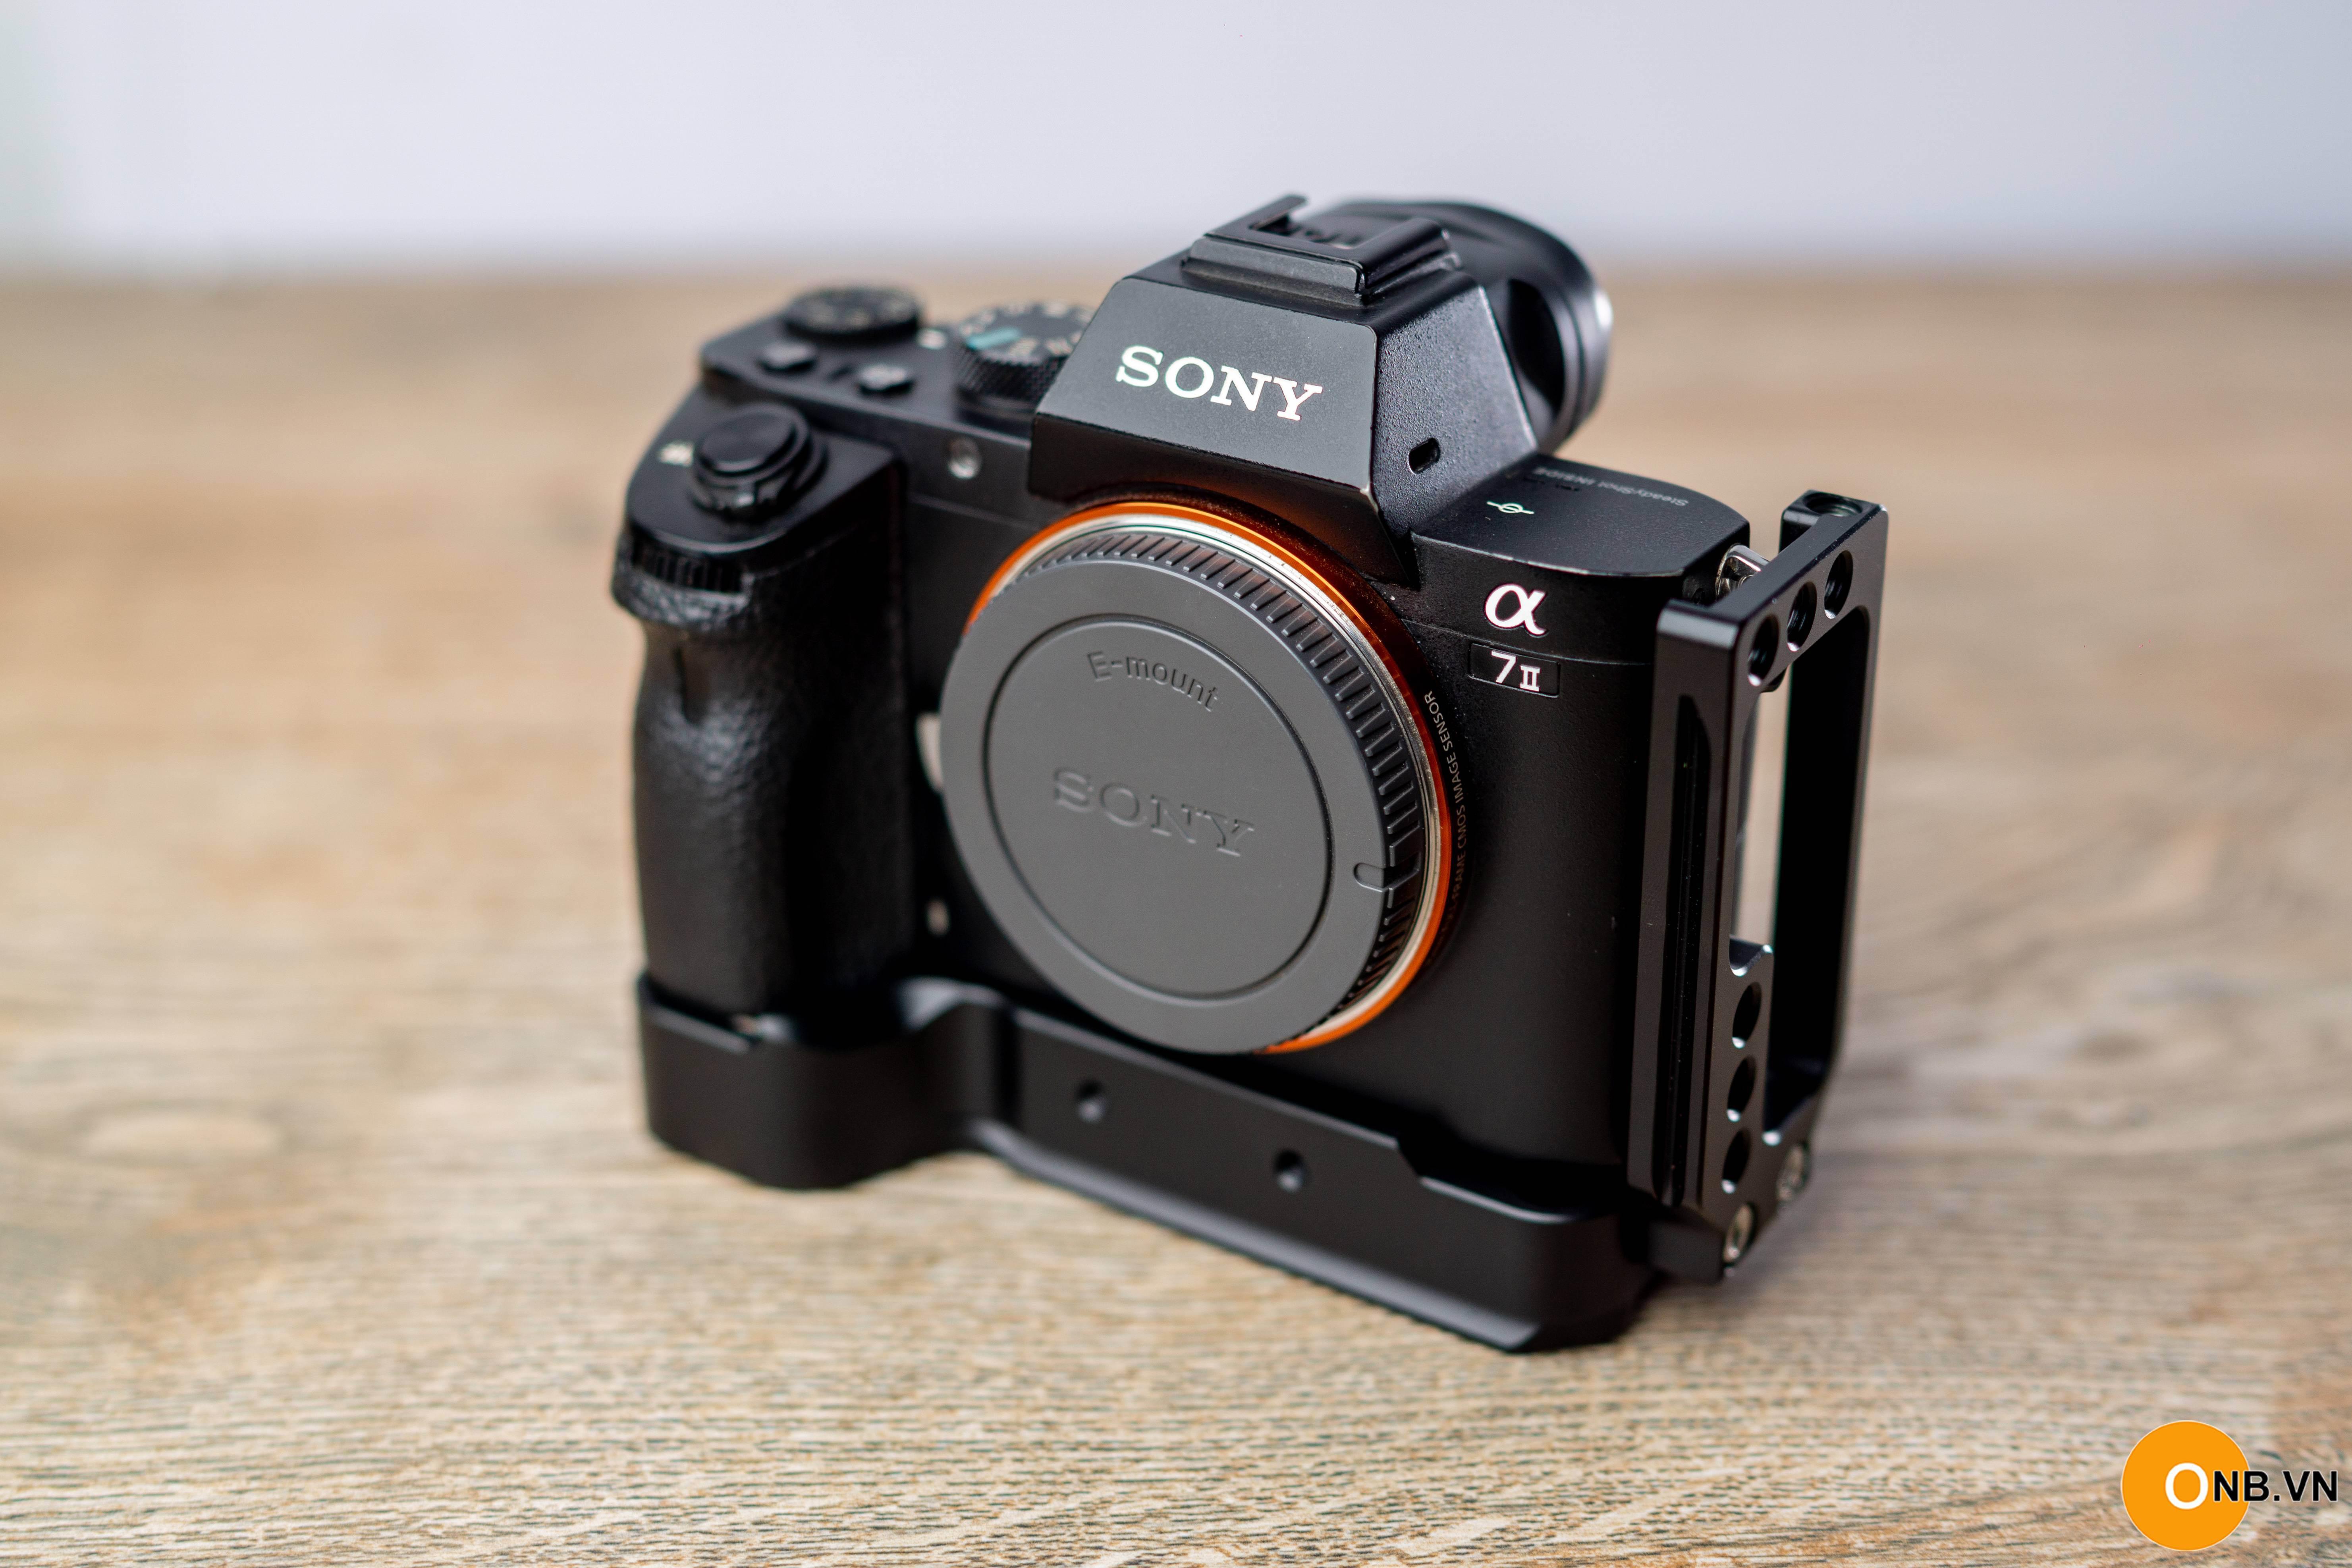 L Plate thanh bảo vệ Sony A7II A7R2 A7S2 dòng báng dày như Smallrig